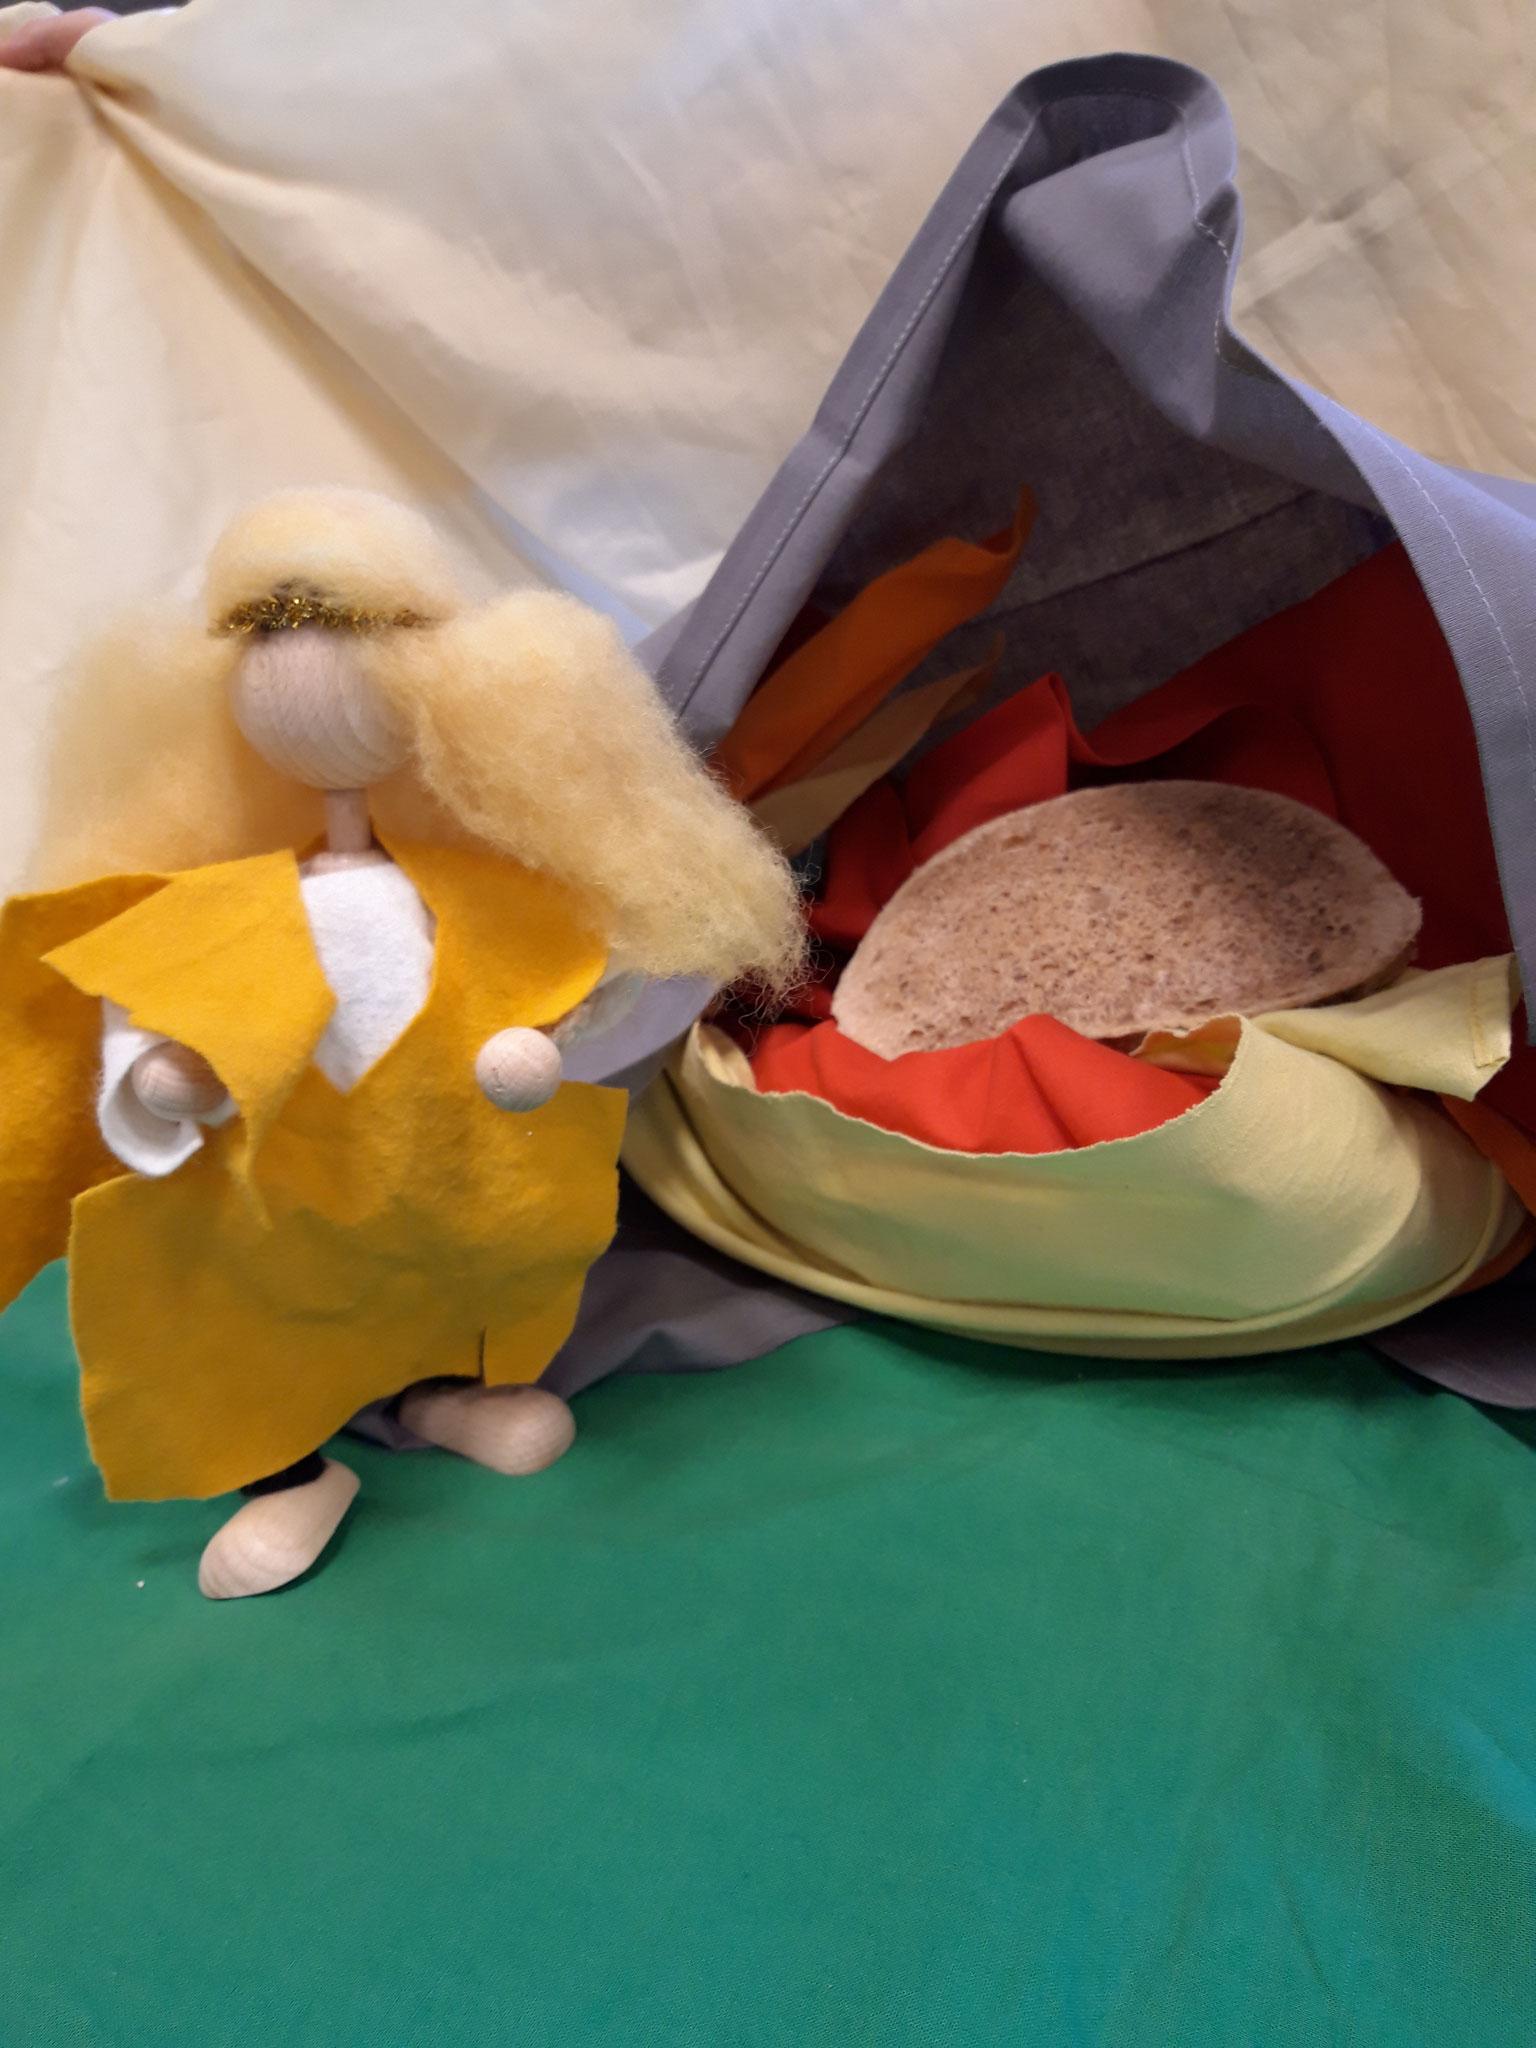 Da ist sie zum Backofen gekommen und hat gekuckt was in dem Backofen drin war. Da hat sie gesehen dass da ein Brot drin war.